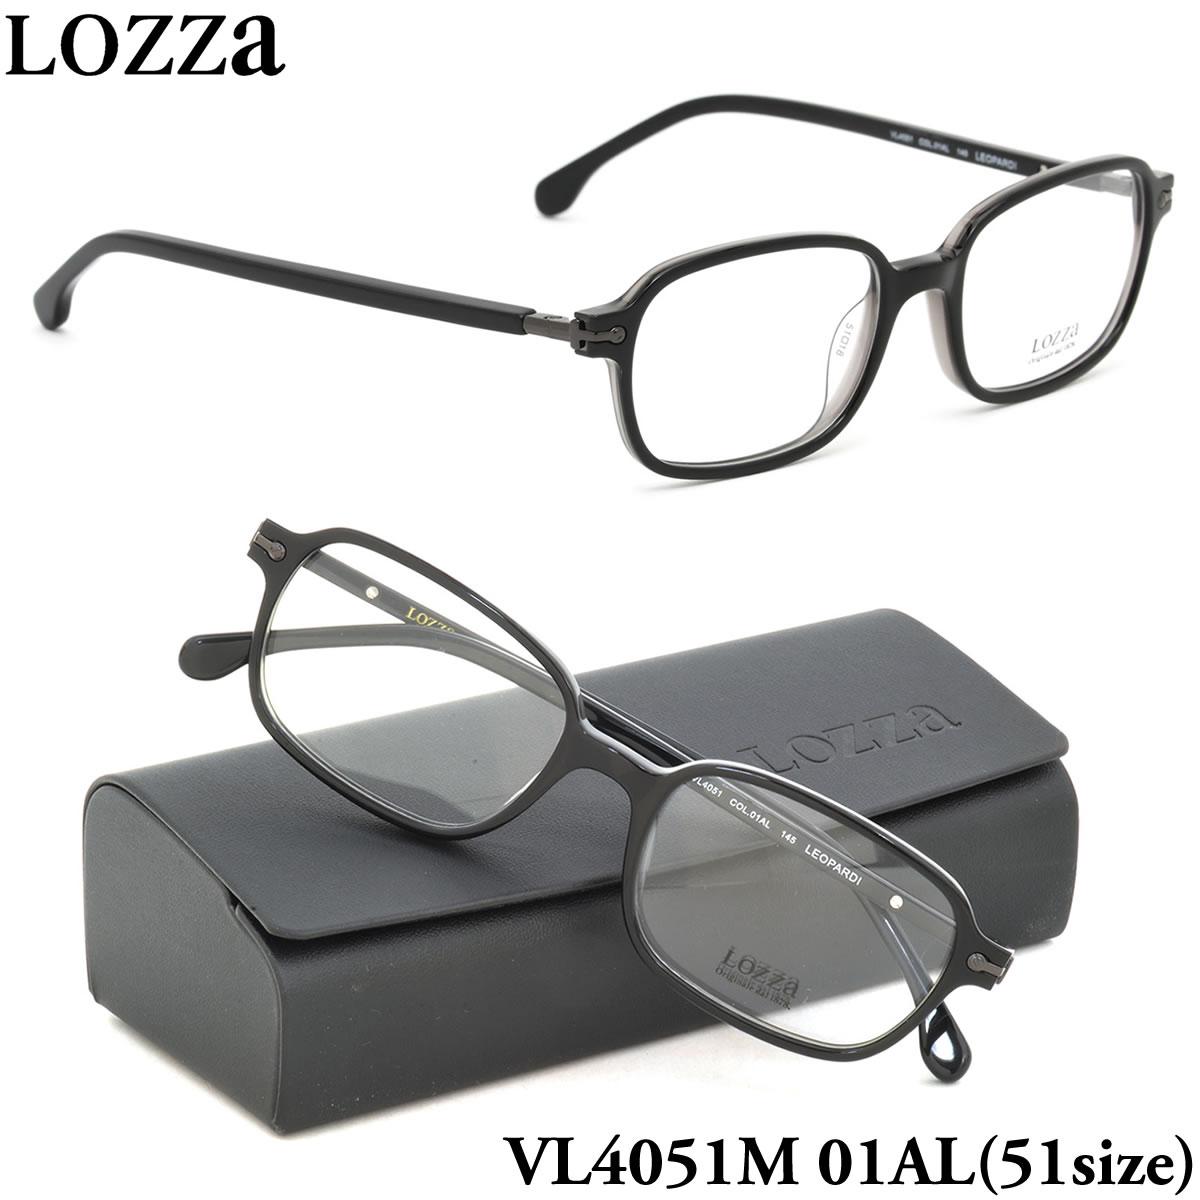 【10月30日からエントリーで全品ポイント20倍】【LOZZA】ロッツァ 眼鏡 メガネ フレーム VL4051M 01AL 51サイズ LEOPARDI バネ丁番 バネ蝶番 スクエア メンズ レディース